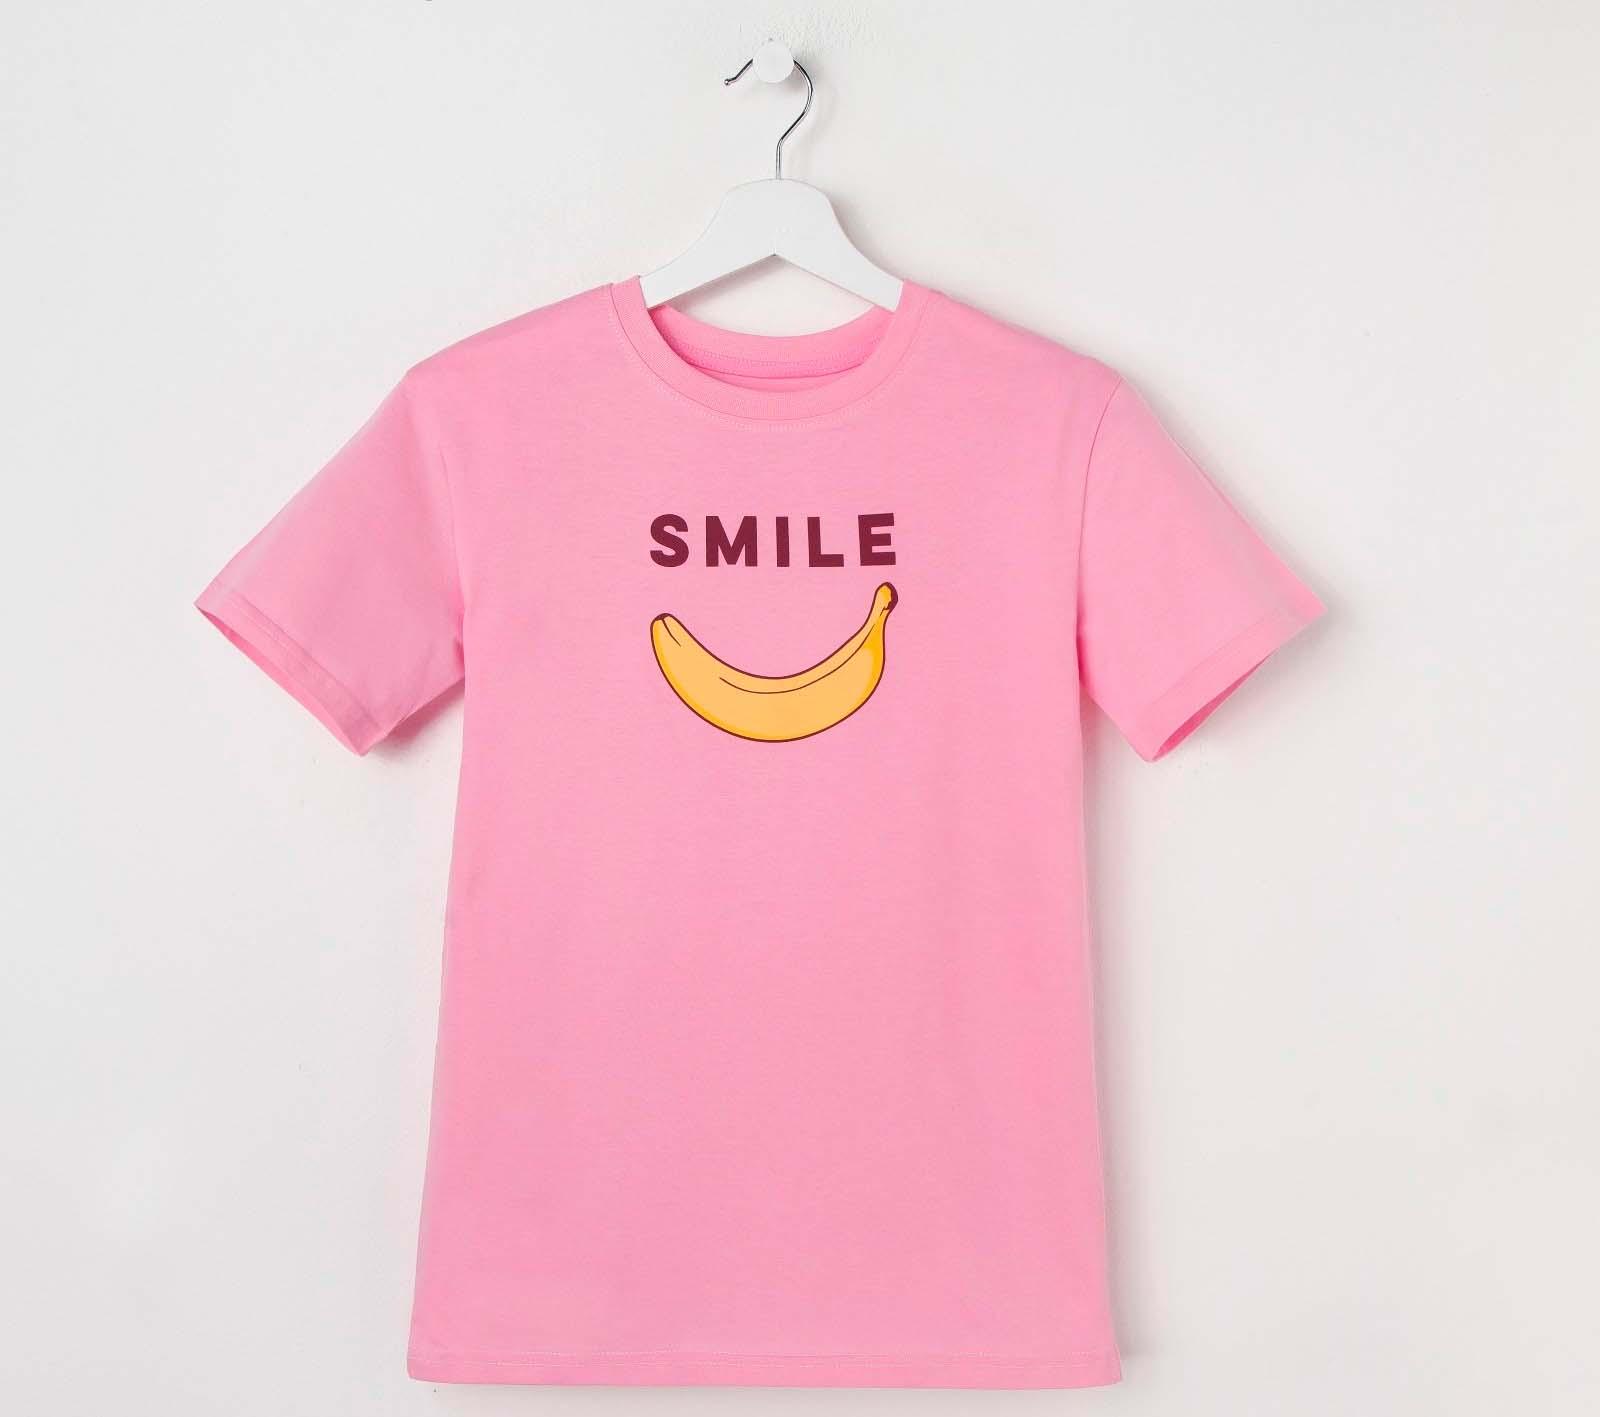 Футболка Smile Цвет: Розовый (40-42) KAFTAN kaf626356